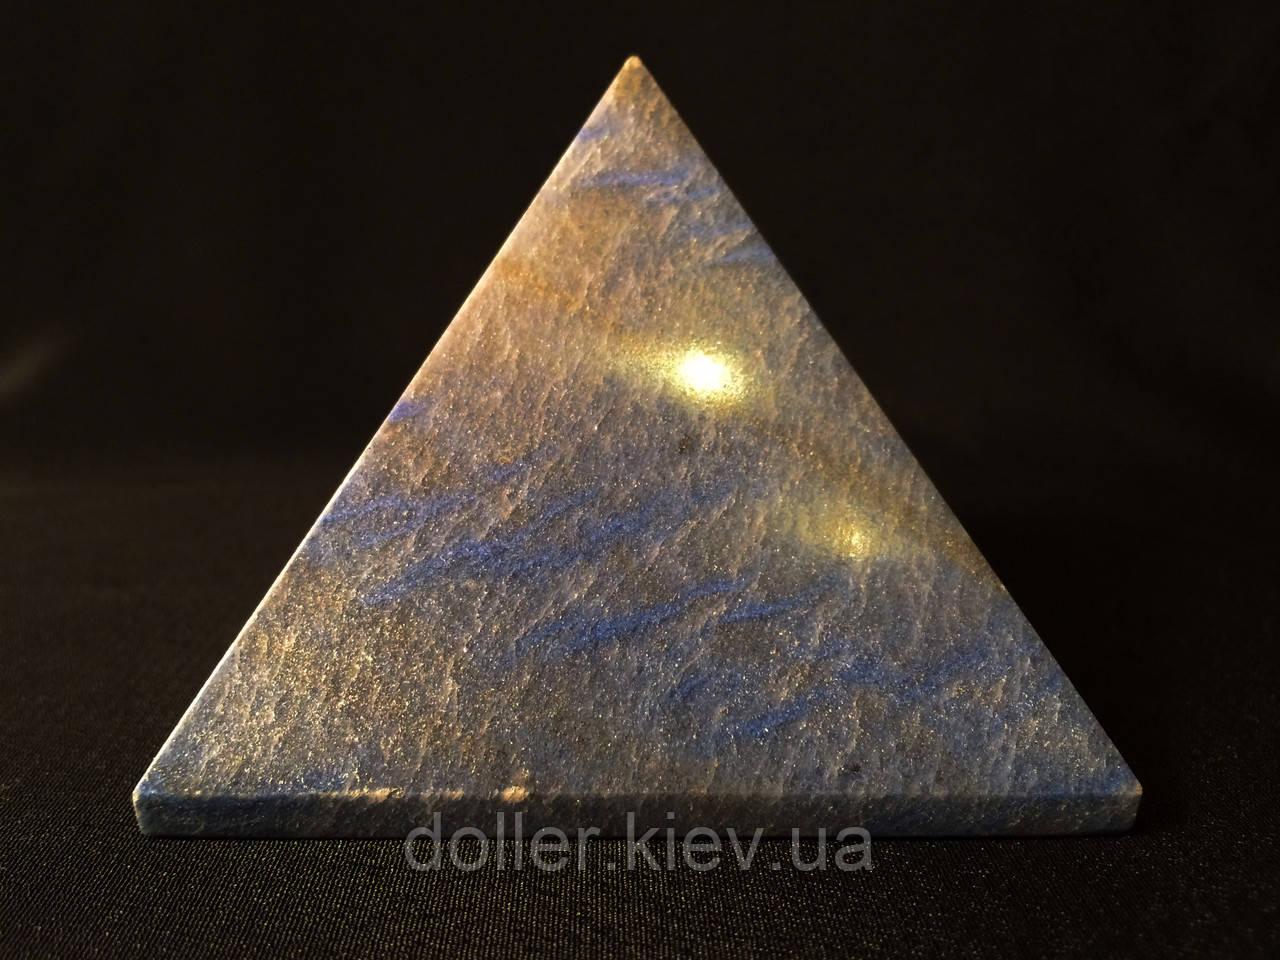 Пірамідка кварцова. Блакитний кварц.